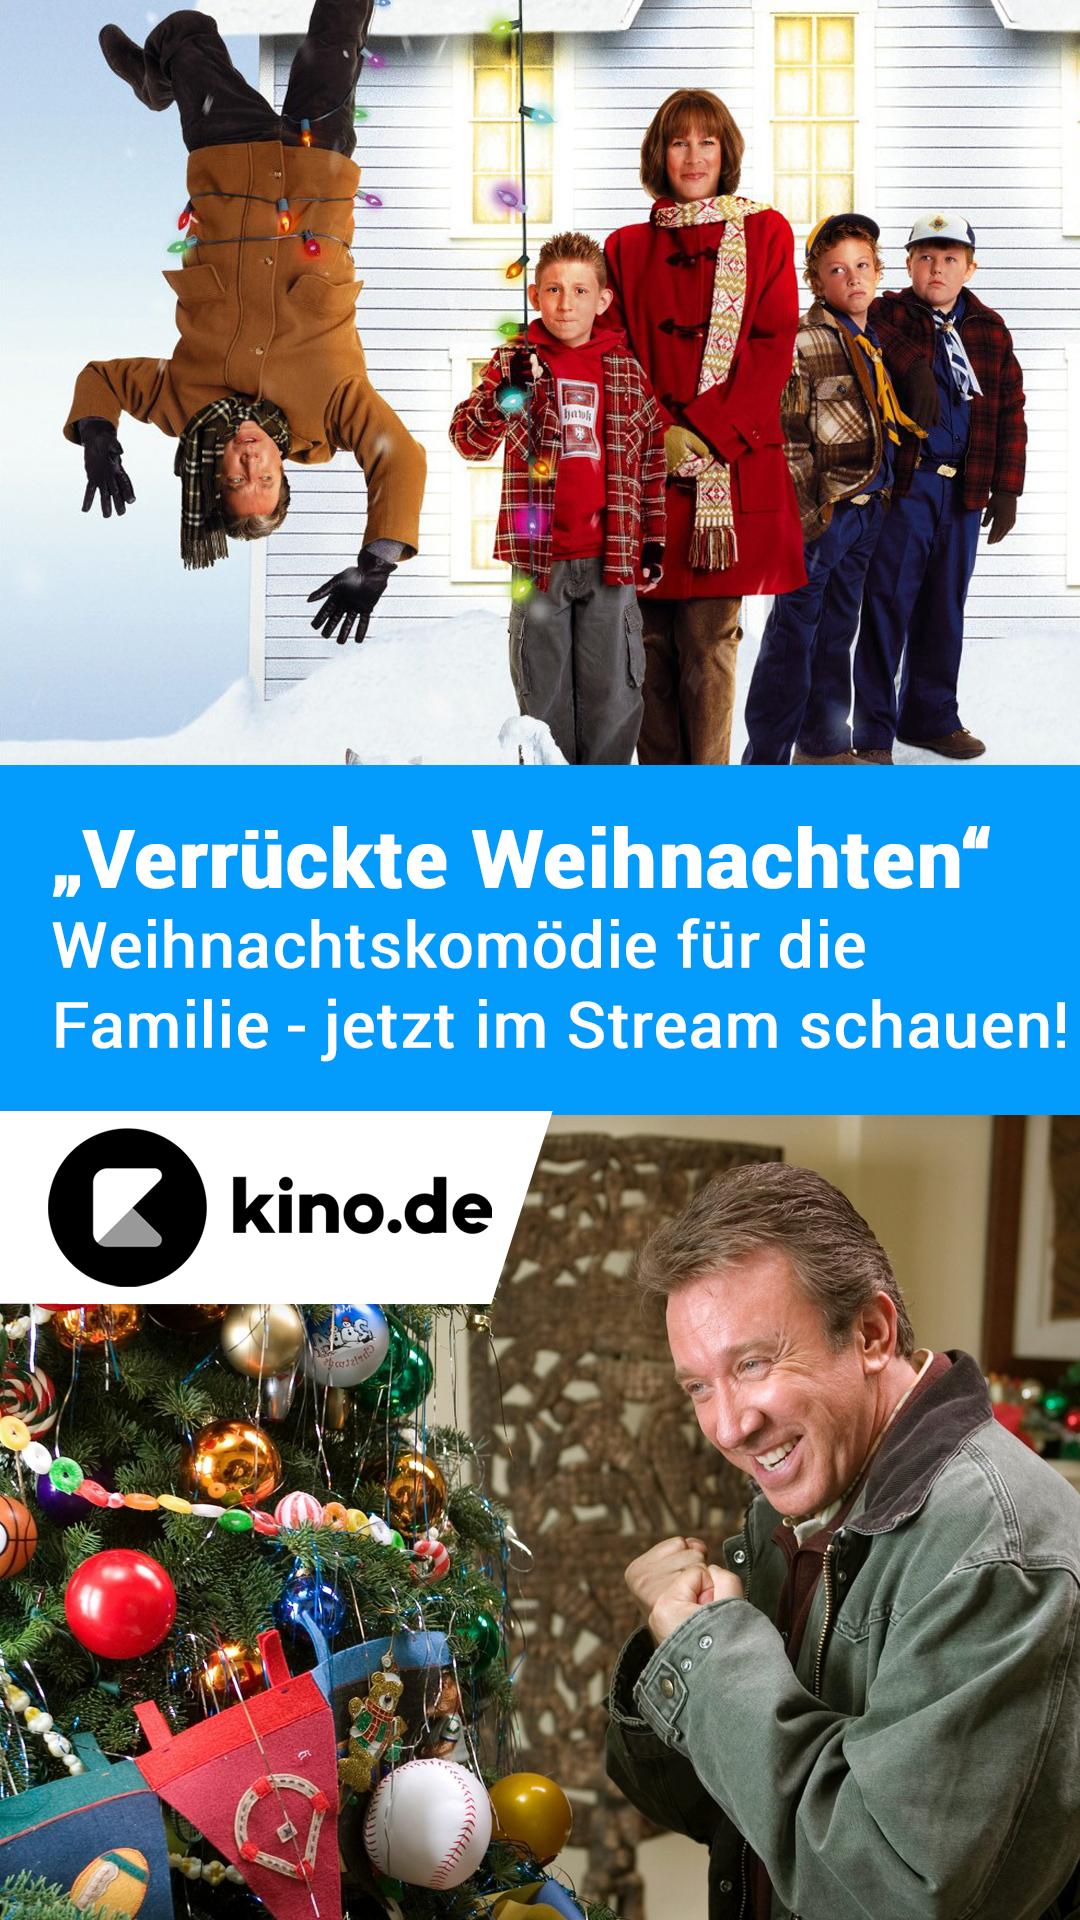 Verrückte Weihnachten in 2018 | Weihnachtsfilme für Kinder ...